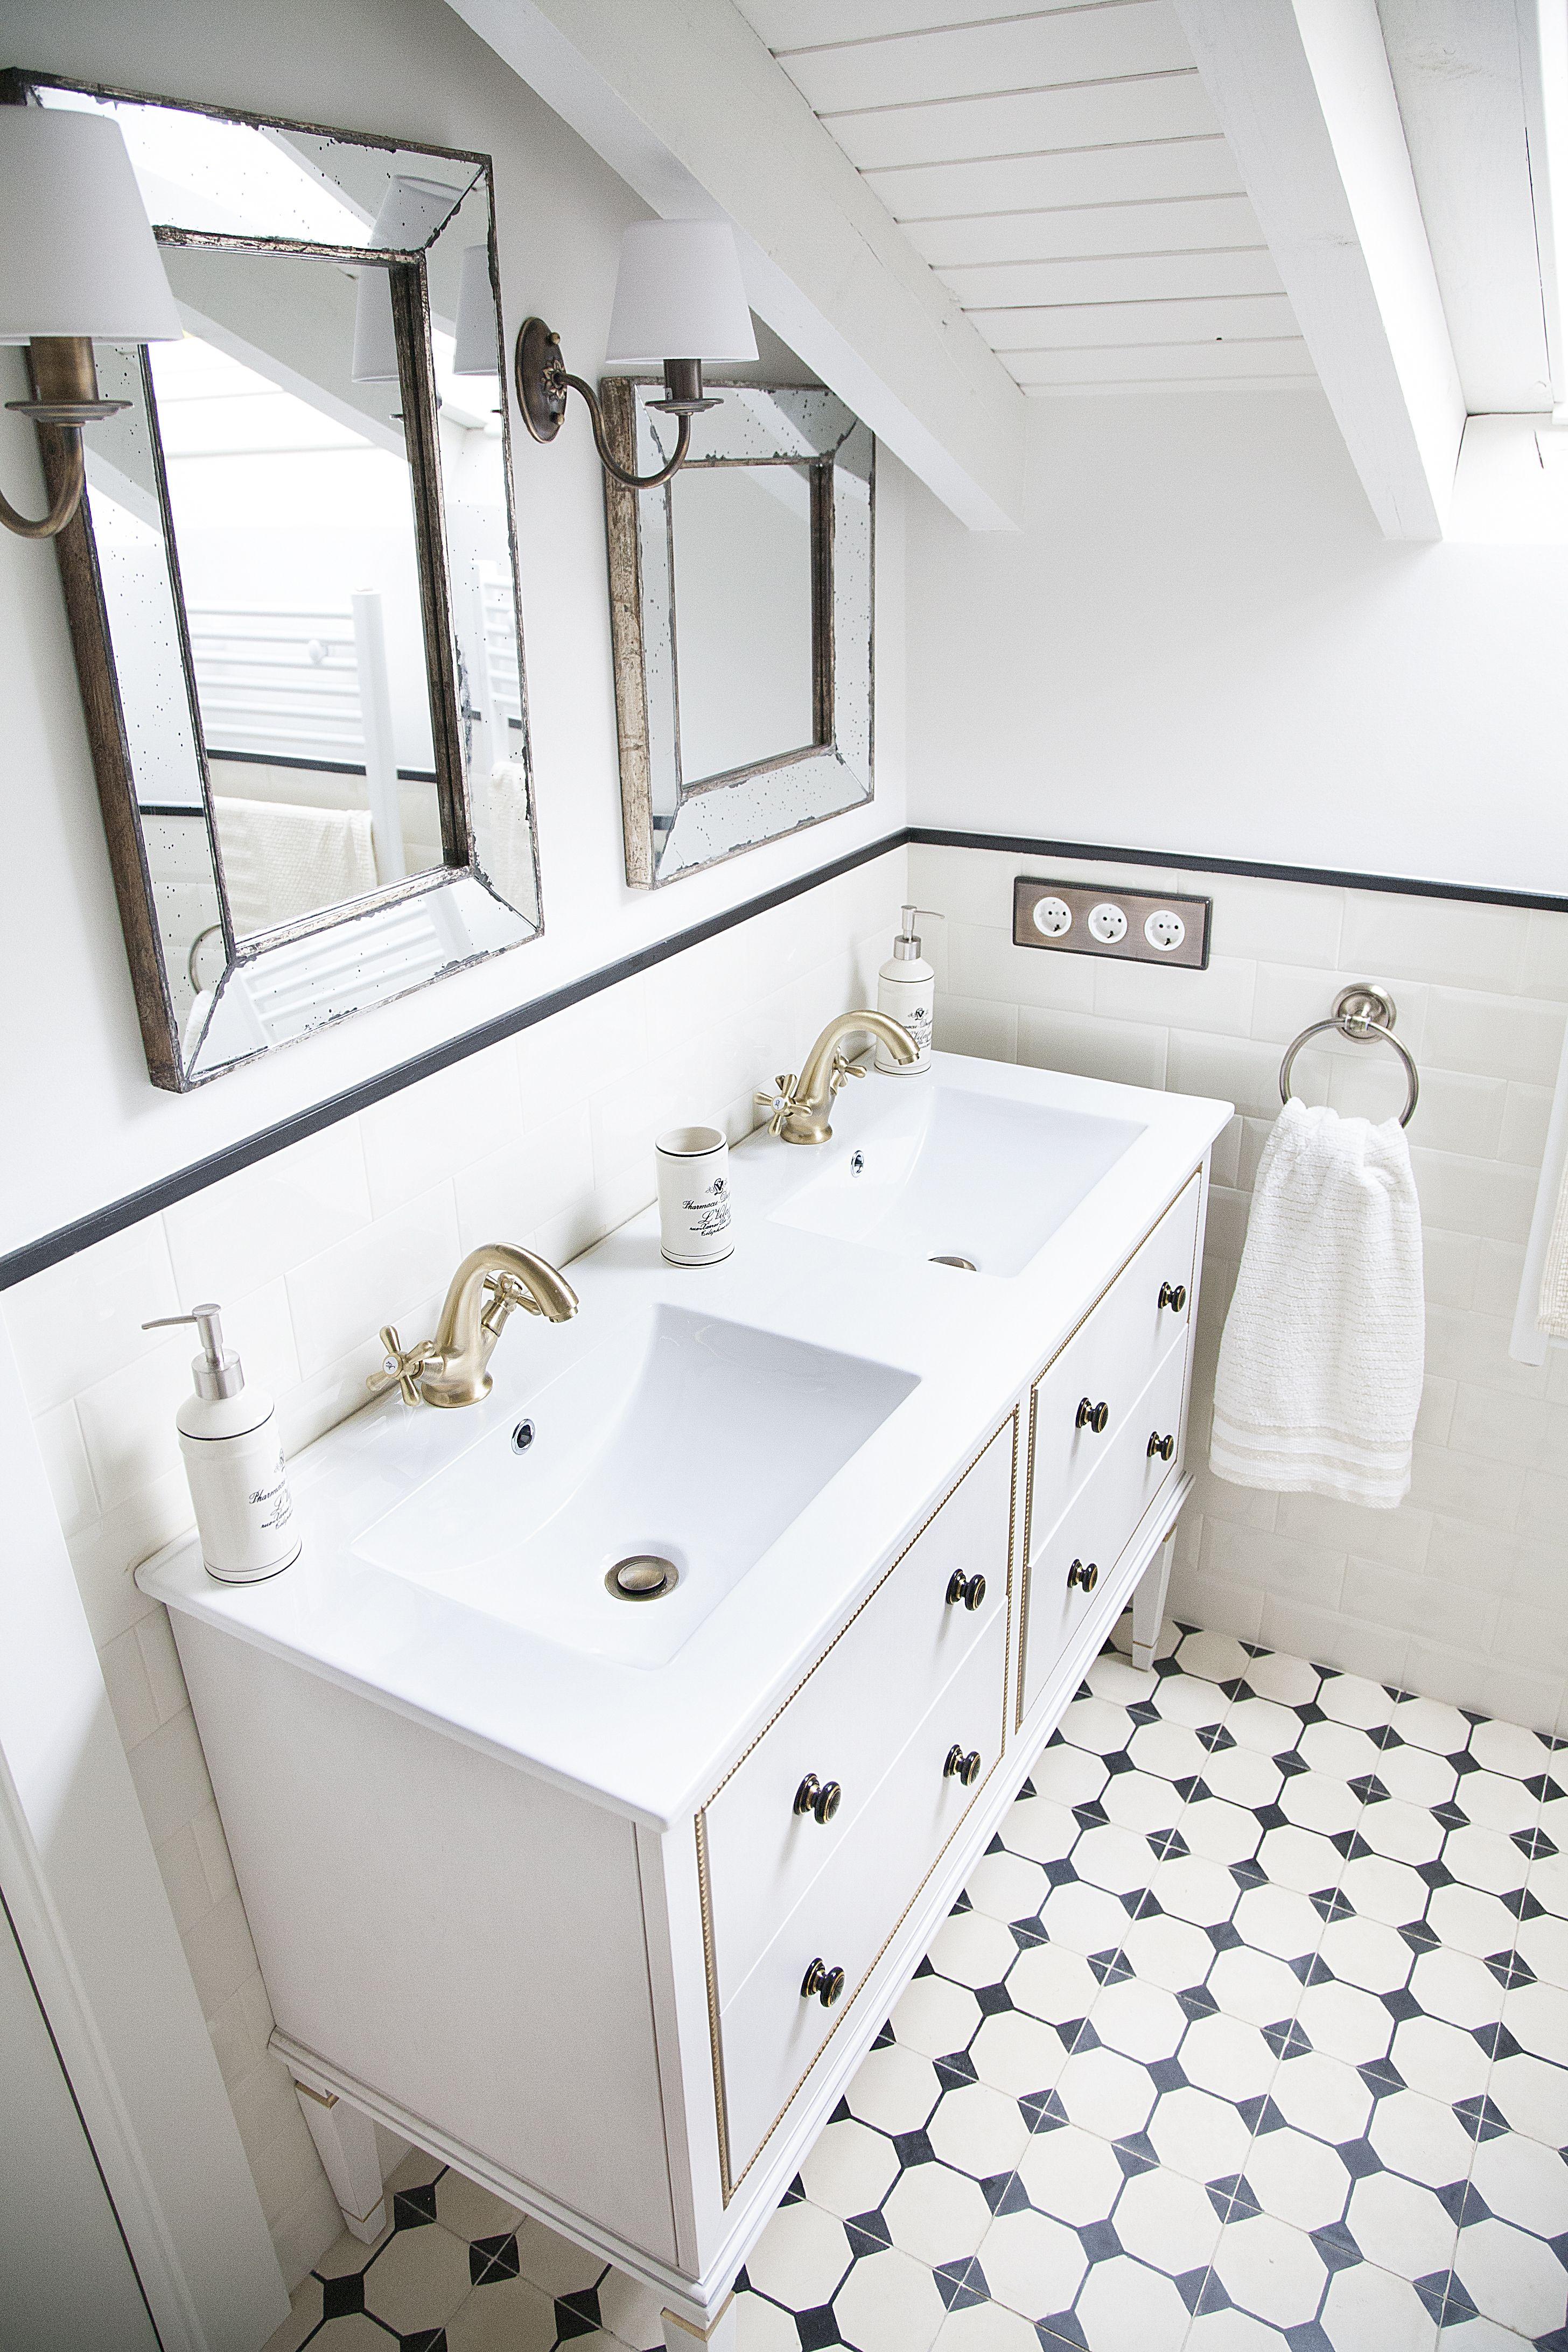 Ba o suelo hidr ulico azulejo metro mi casita en for Azulejo hidraulico bano